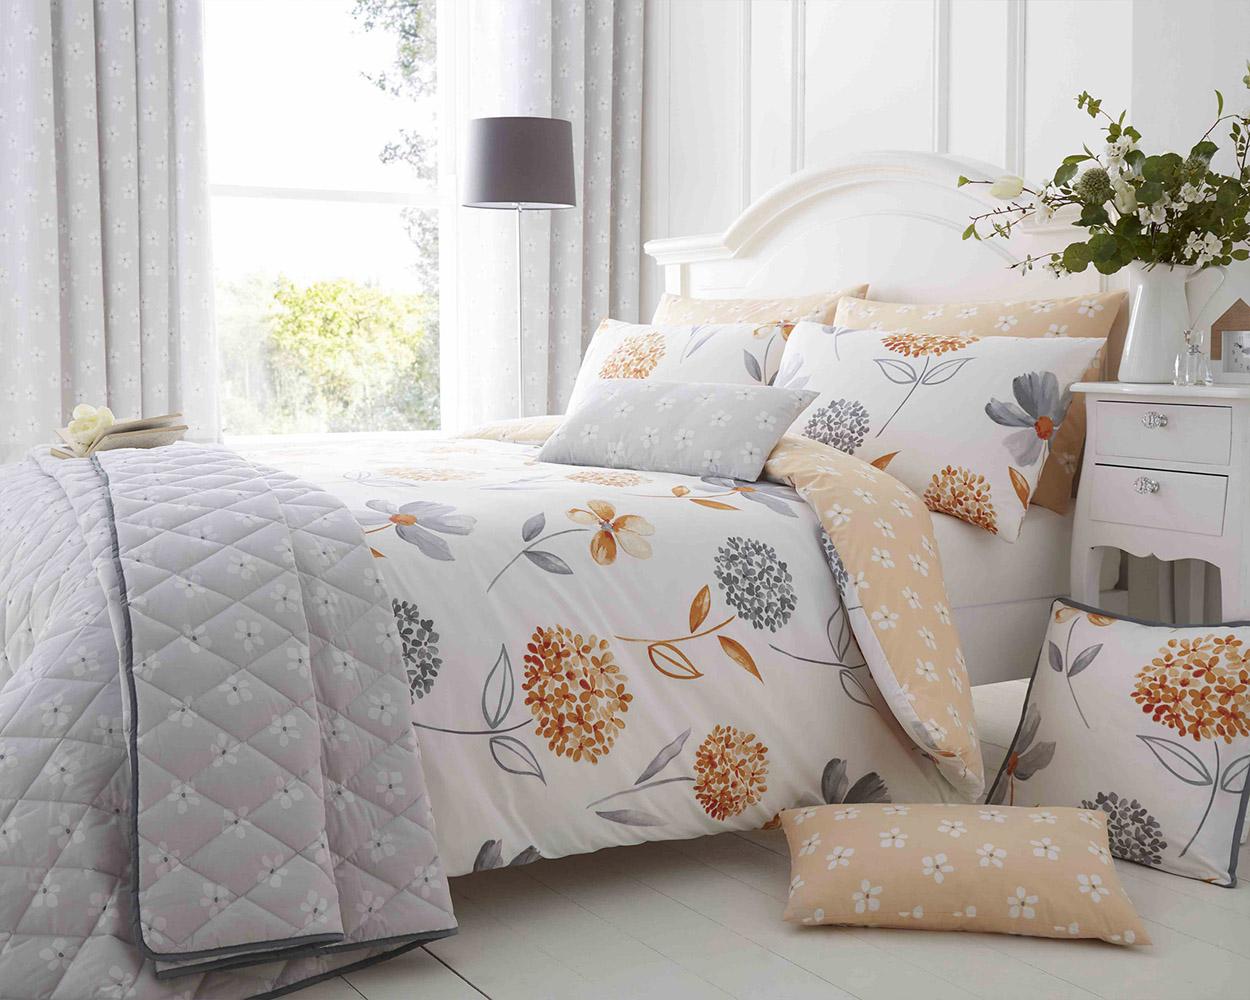 Cotton Rich Caroline Floral Design Duvet Set in Sunset Orange and Light Grey